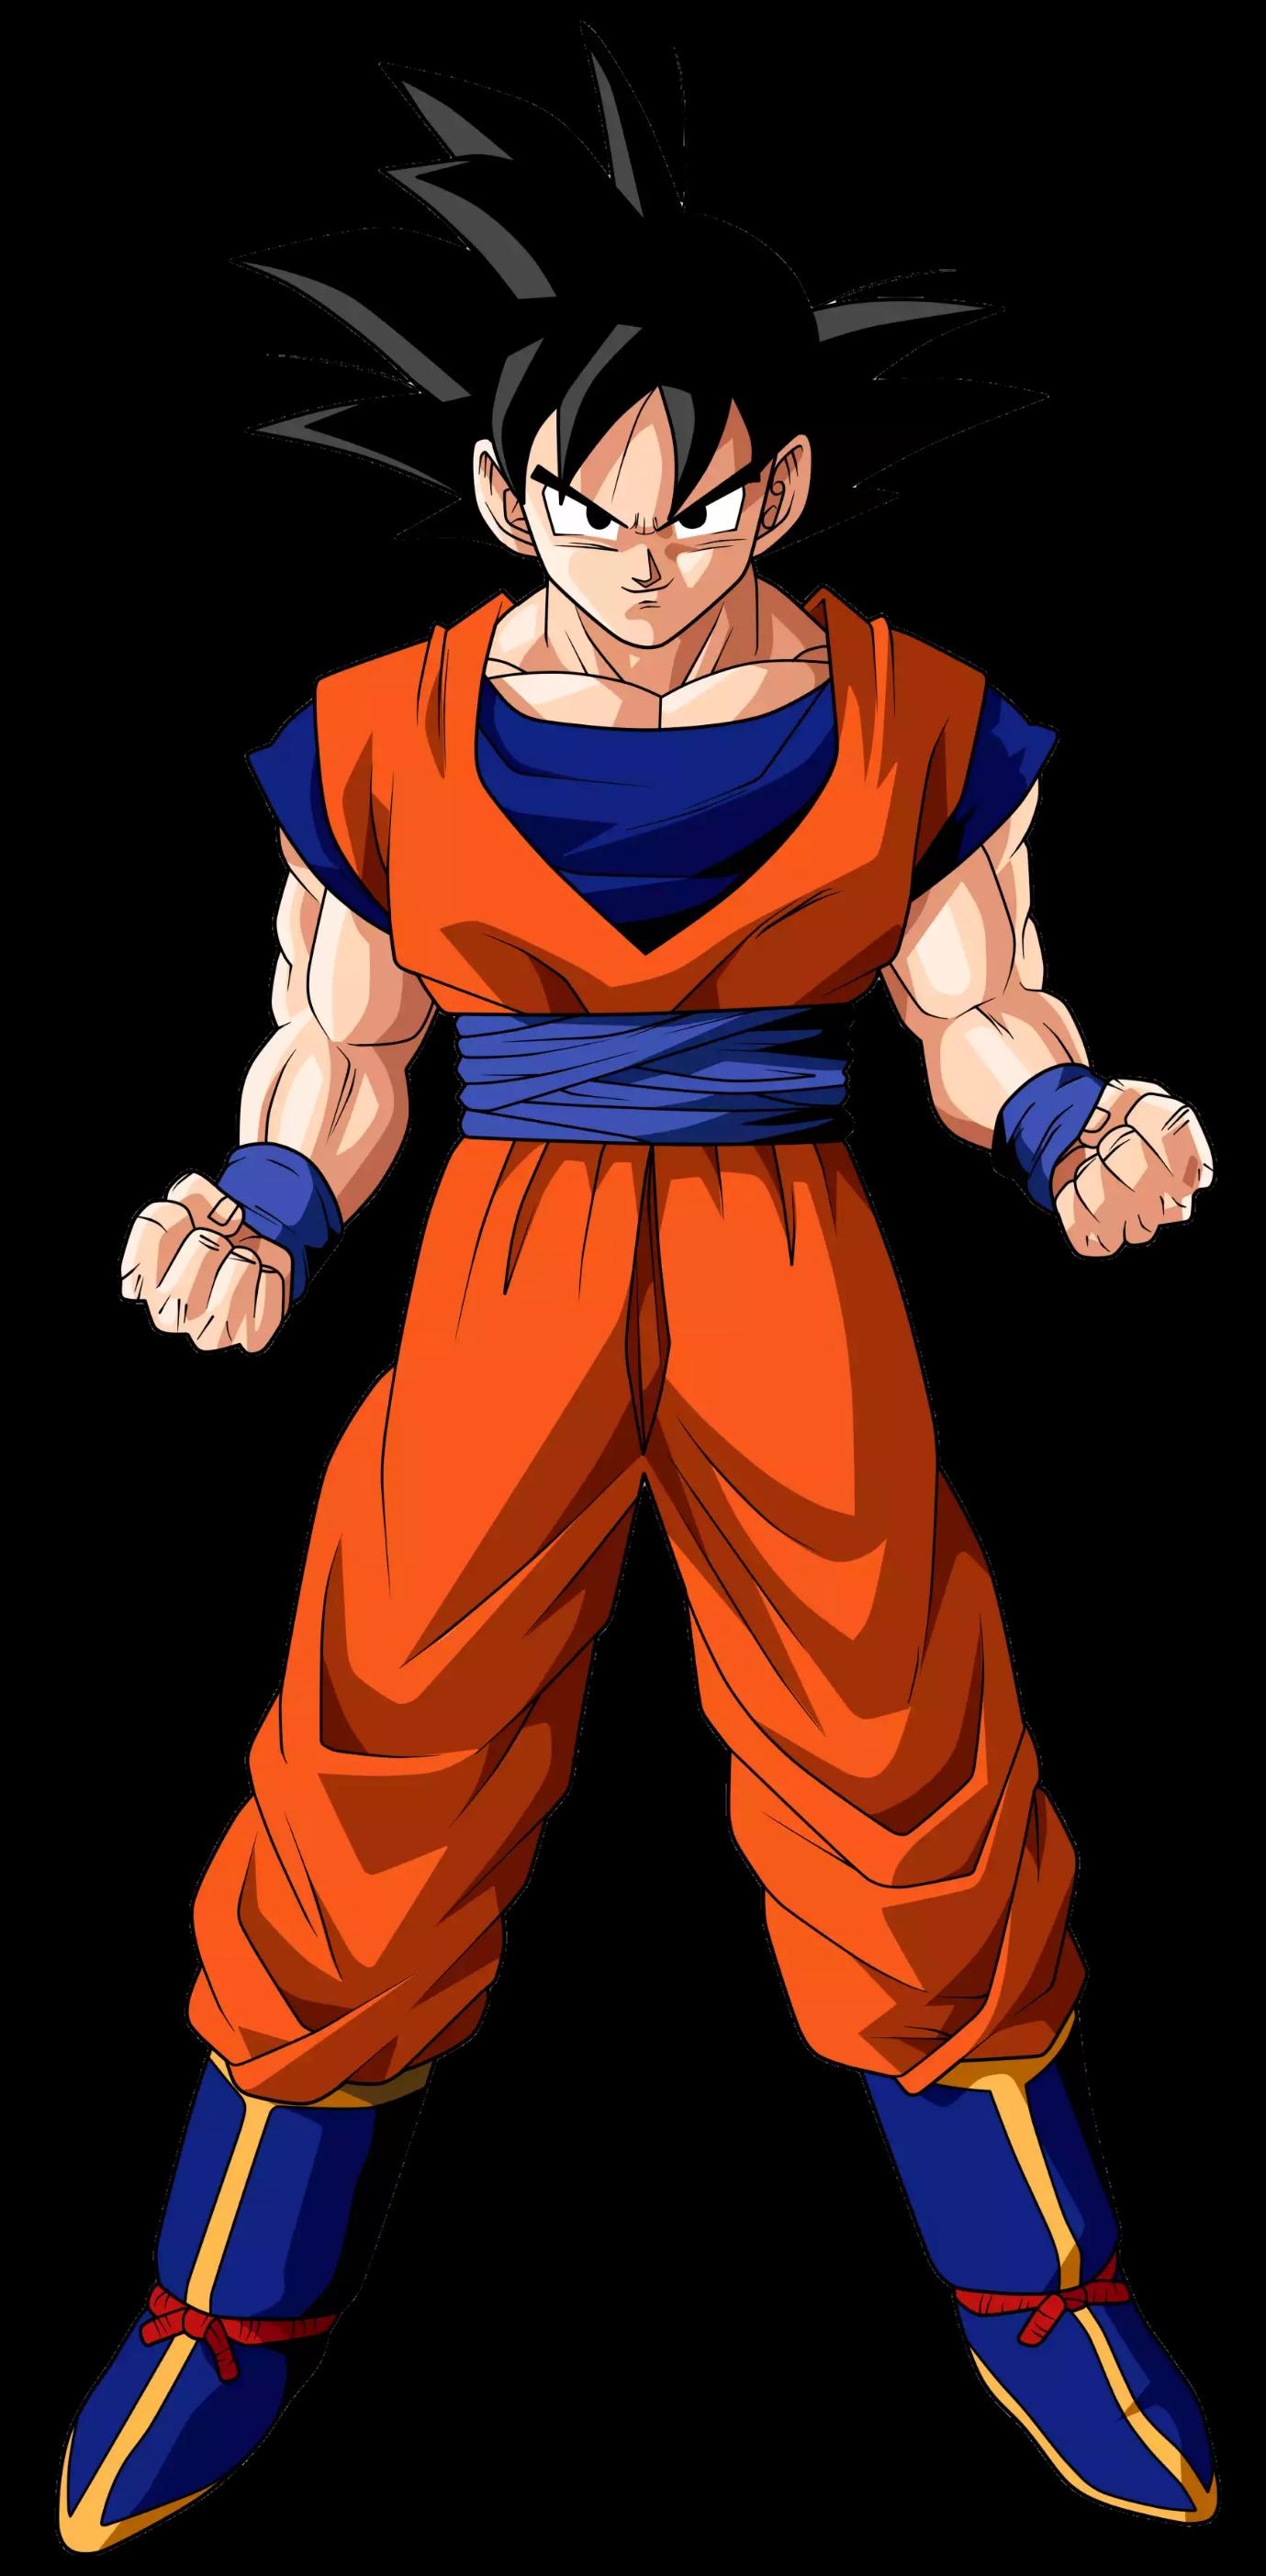 Son Goku (Dragon Ball Z)   VS Battles Wiki   FANDOM powered by Wikia